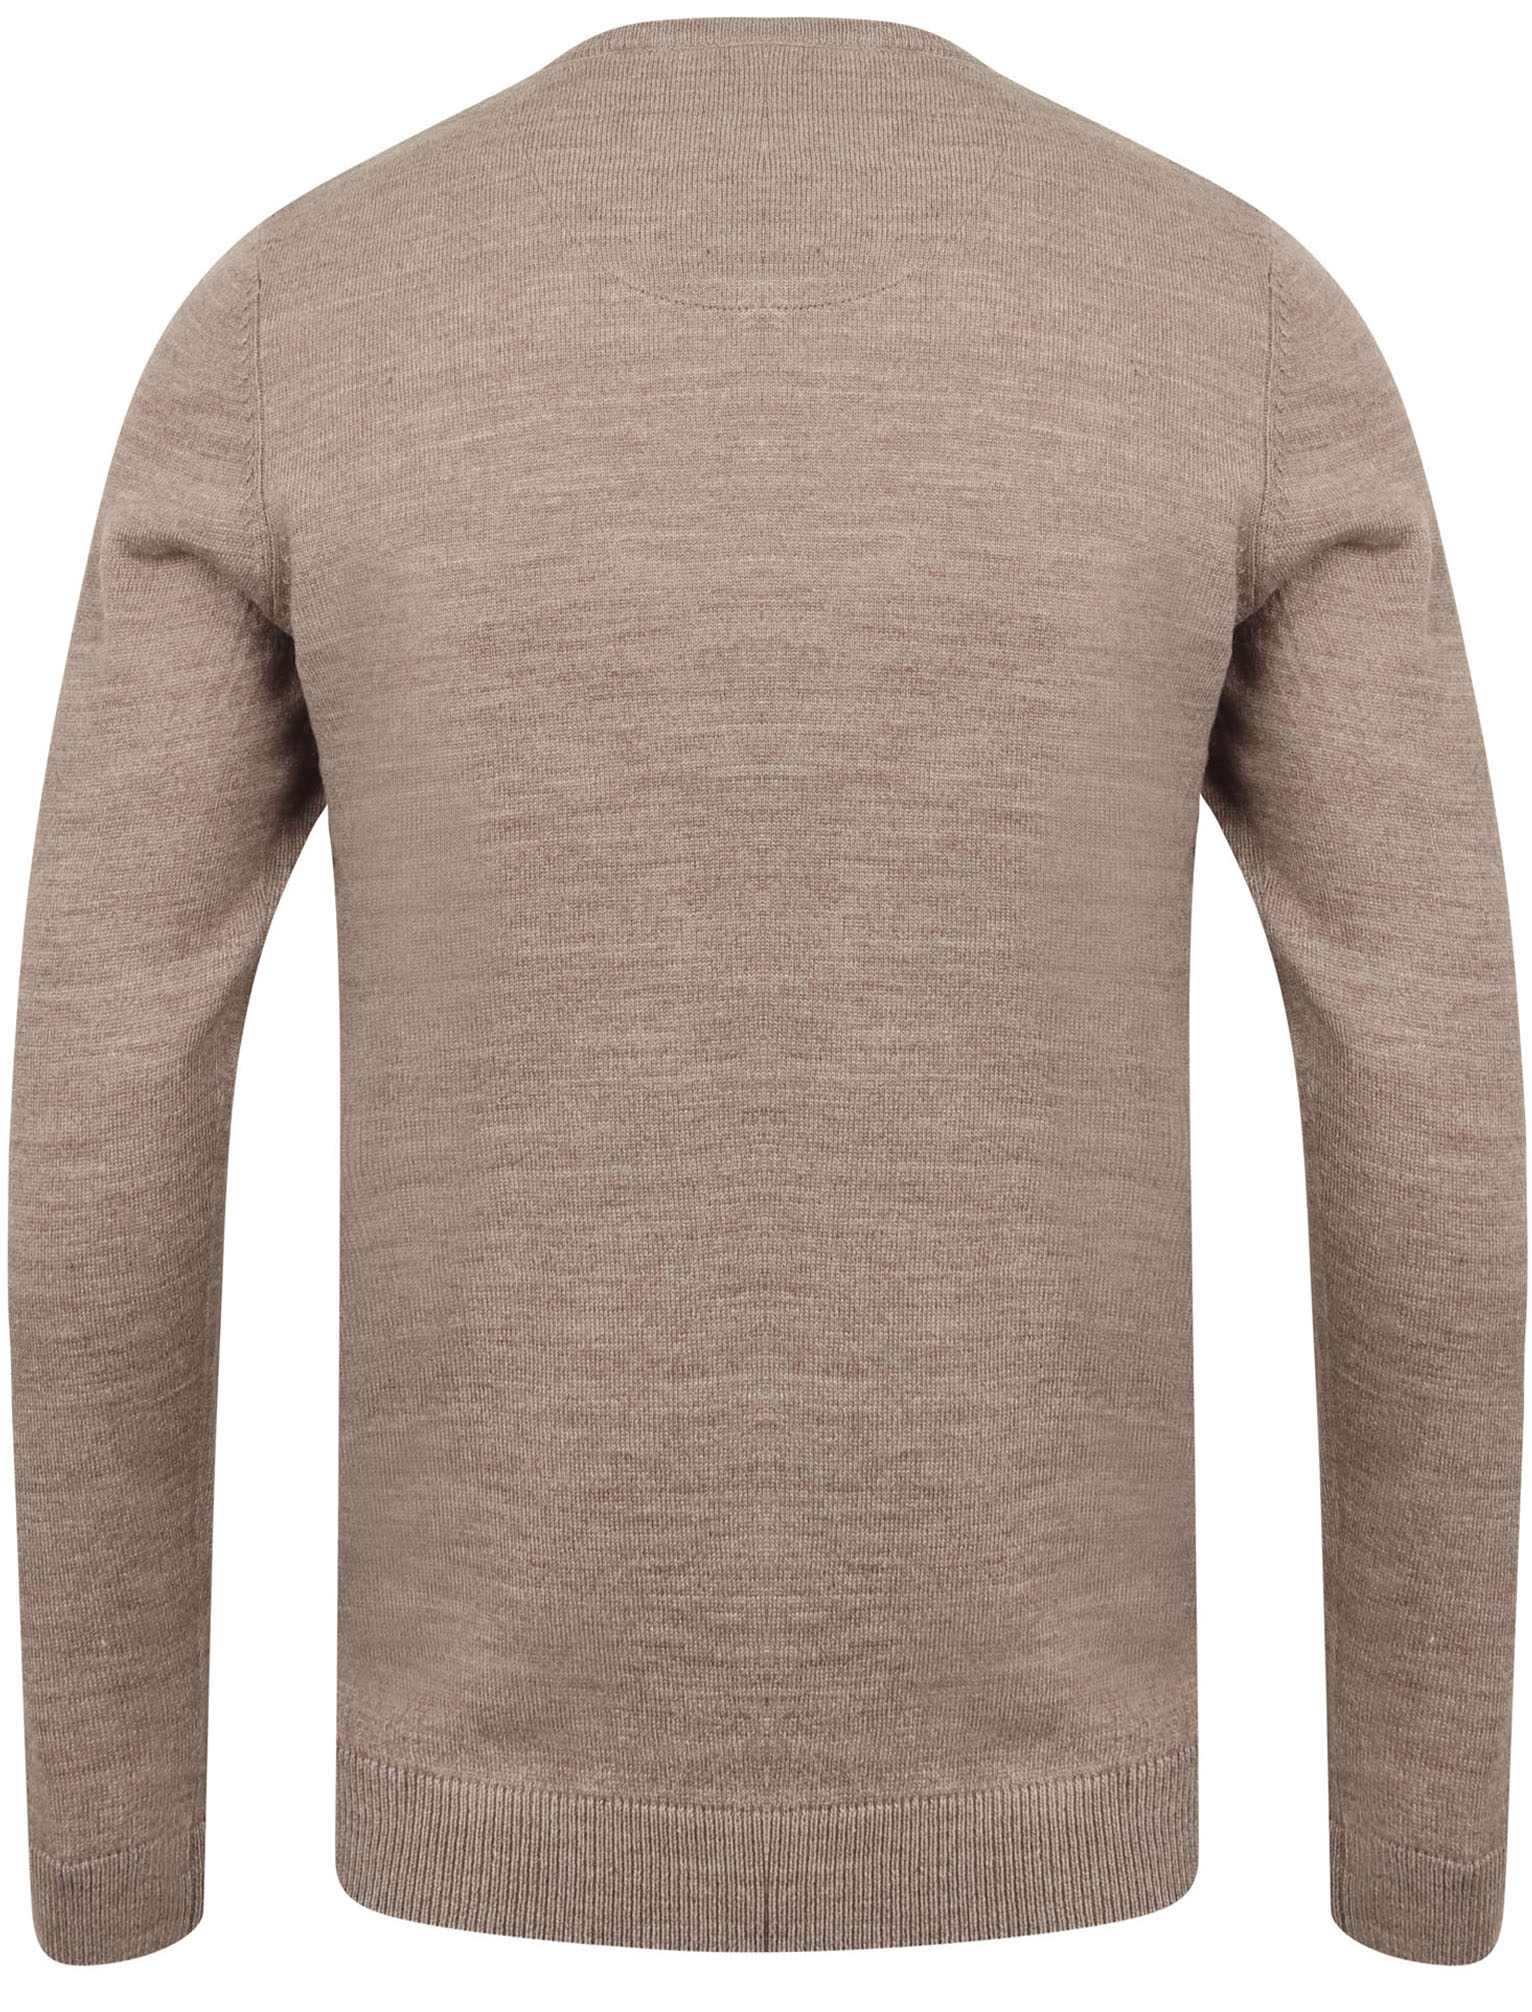 Kensington-Eastside-Men-039-s-Knitted-Crew-or-V-Neck-Jumper-Sweater-Top-Pullover thumbnail 41